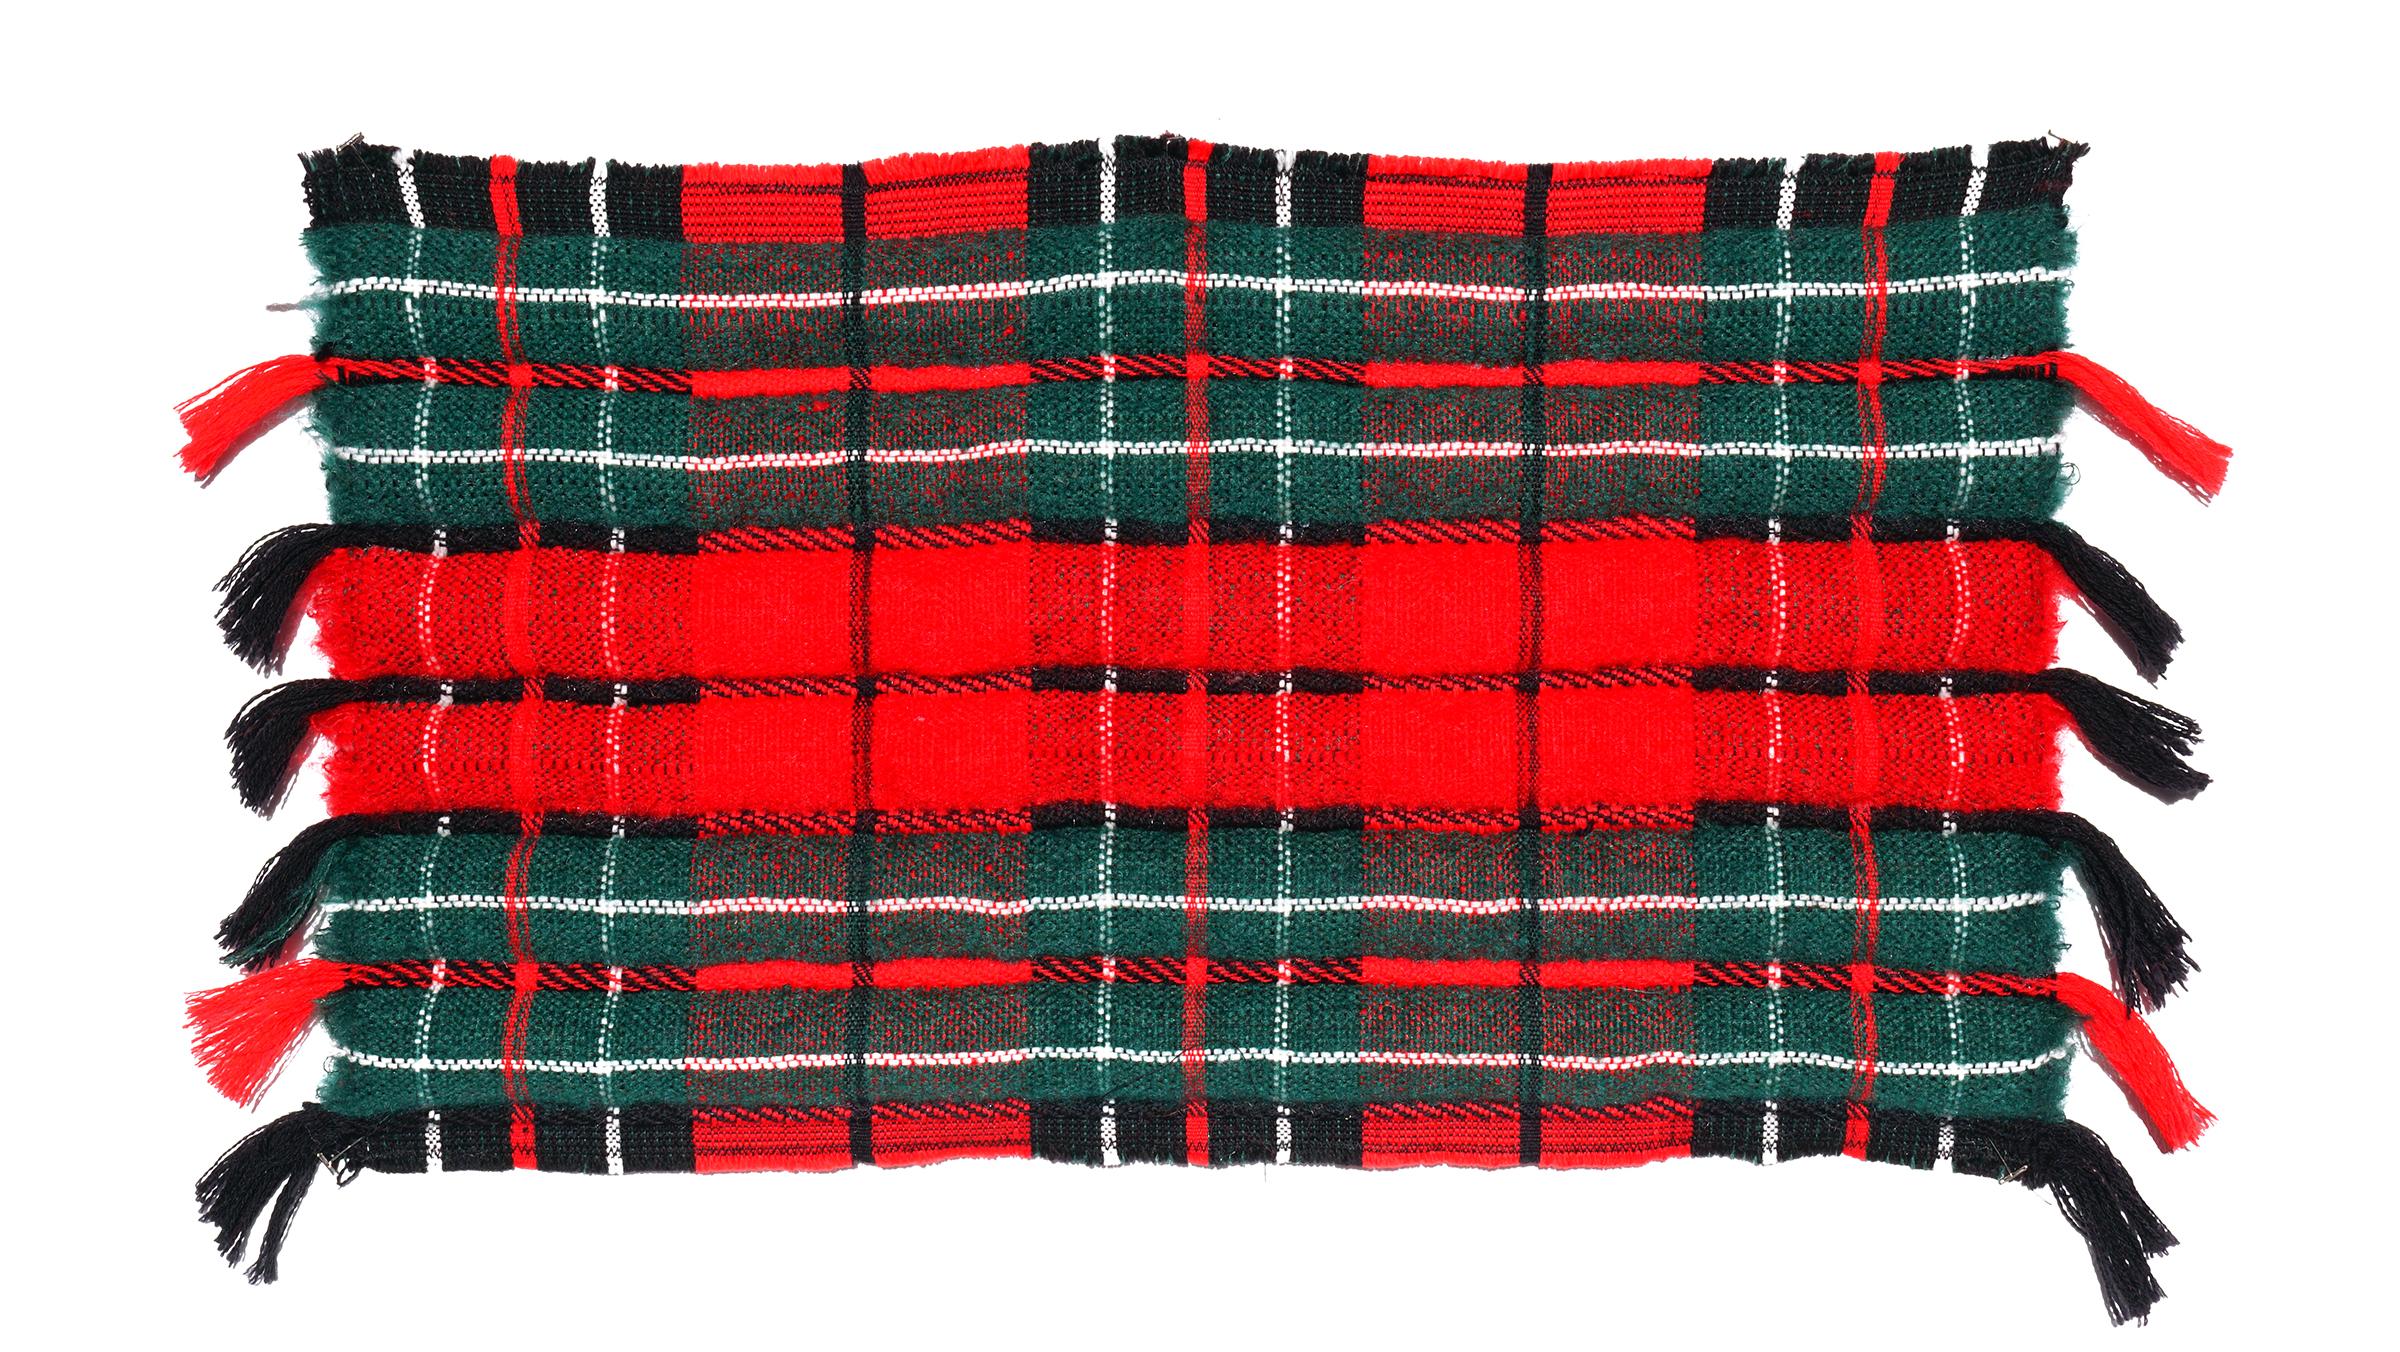 H Puff B handwoven textile plaid custom .jpg